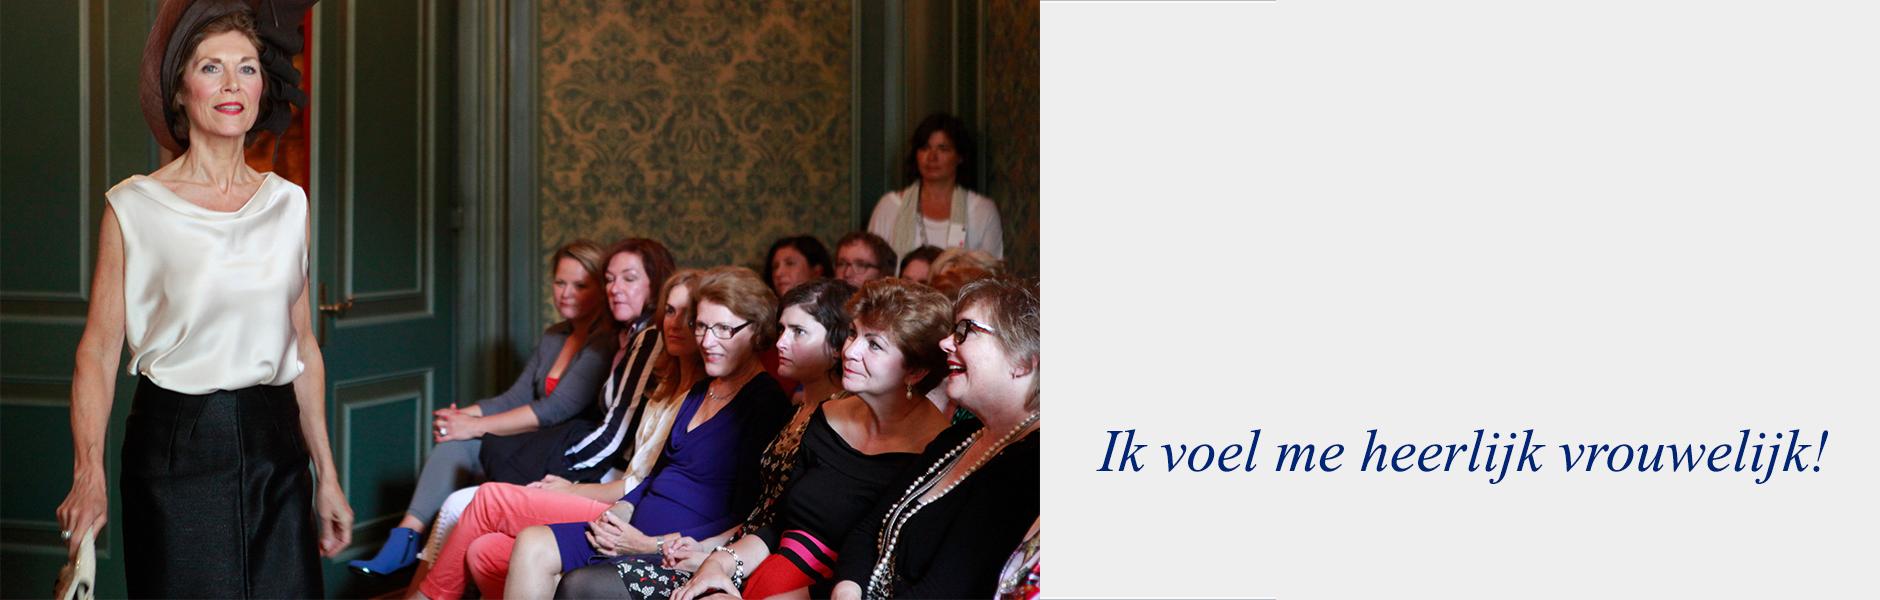 Slider 2 NL 2020